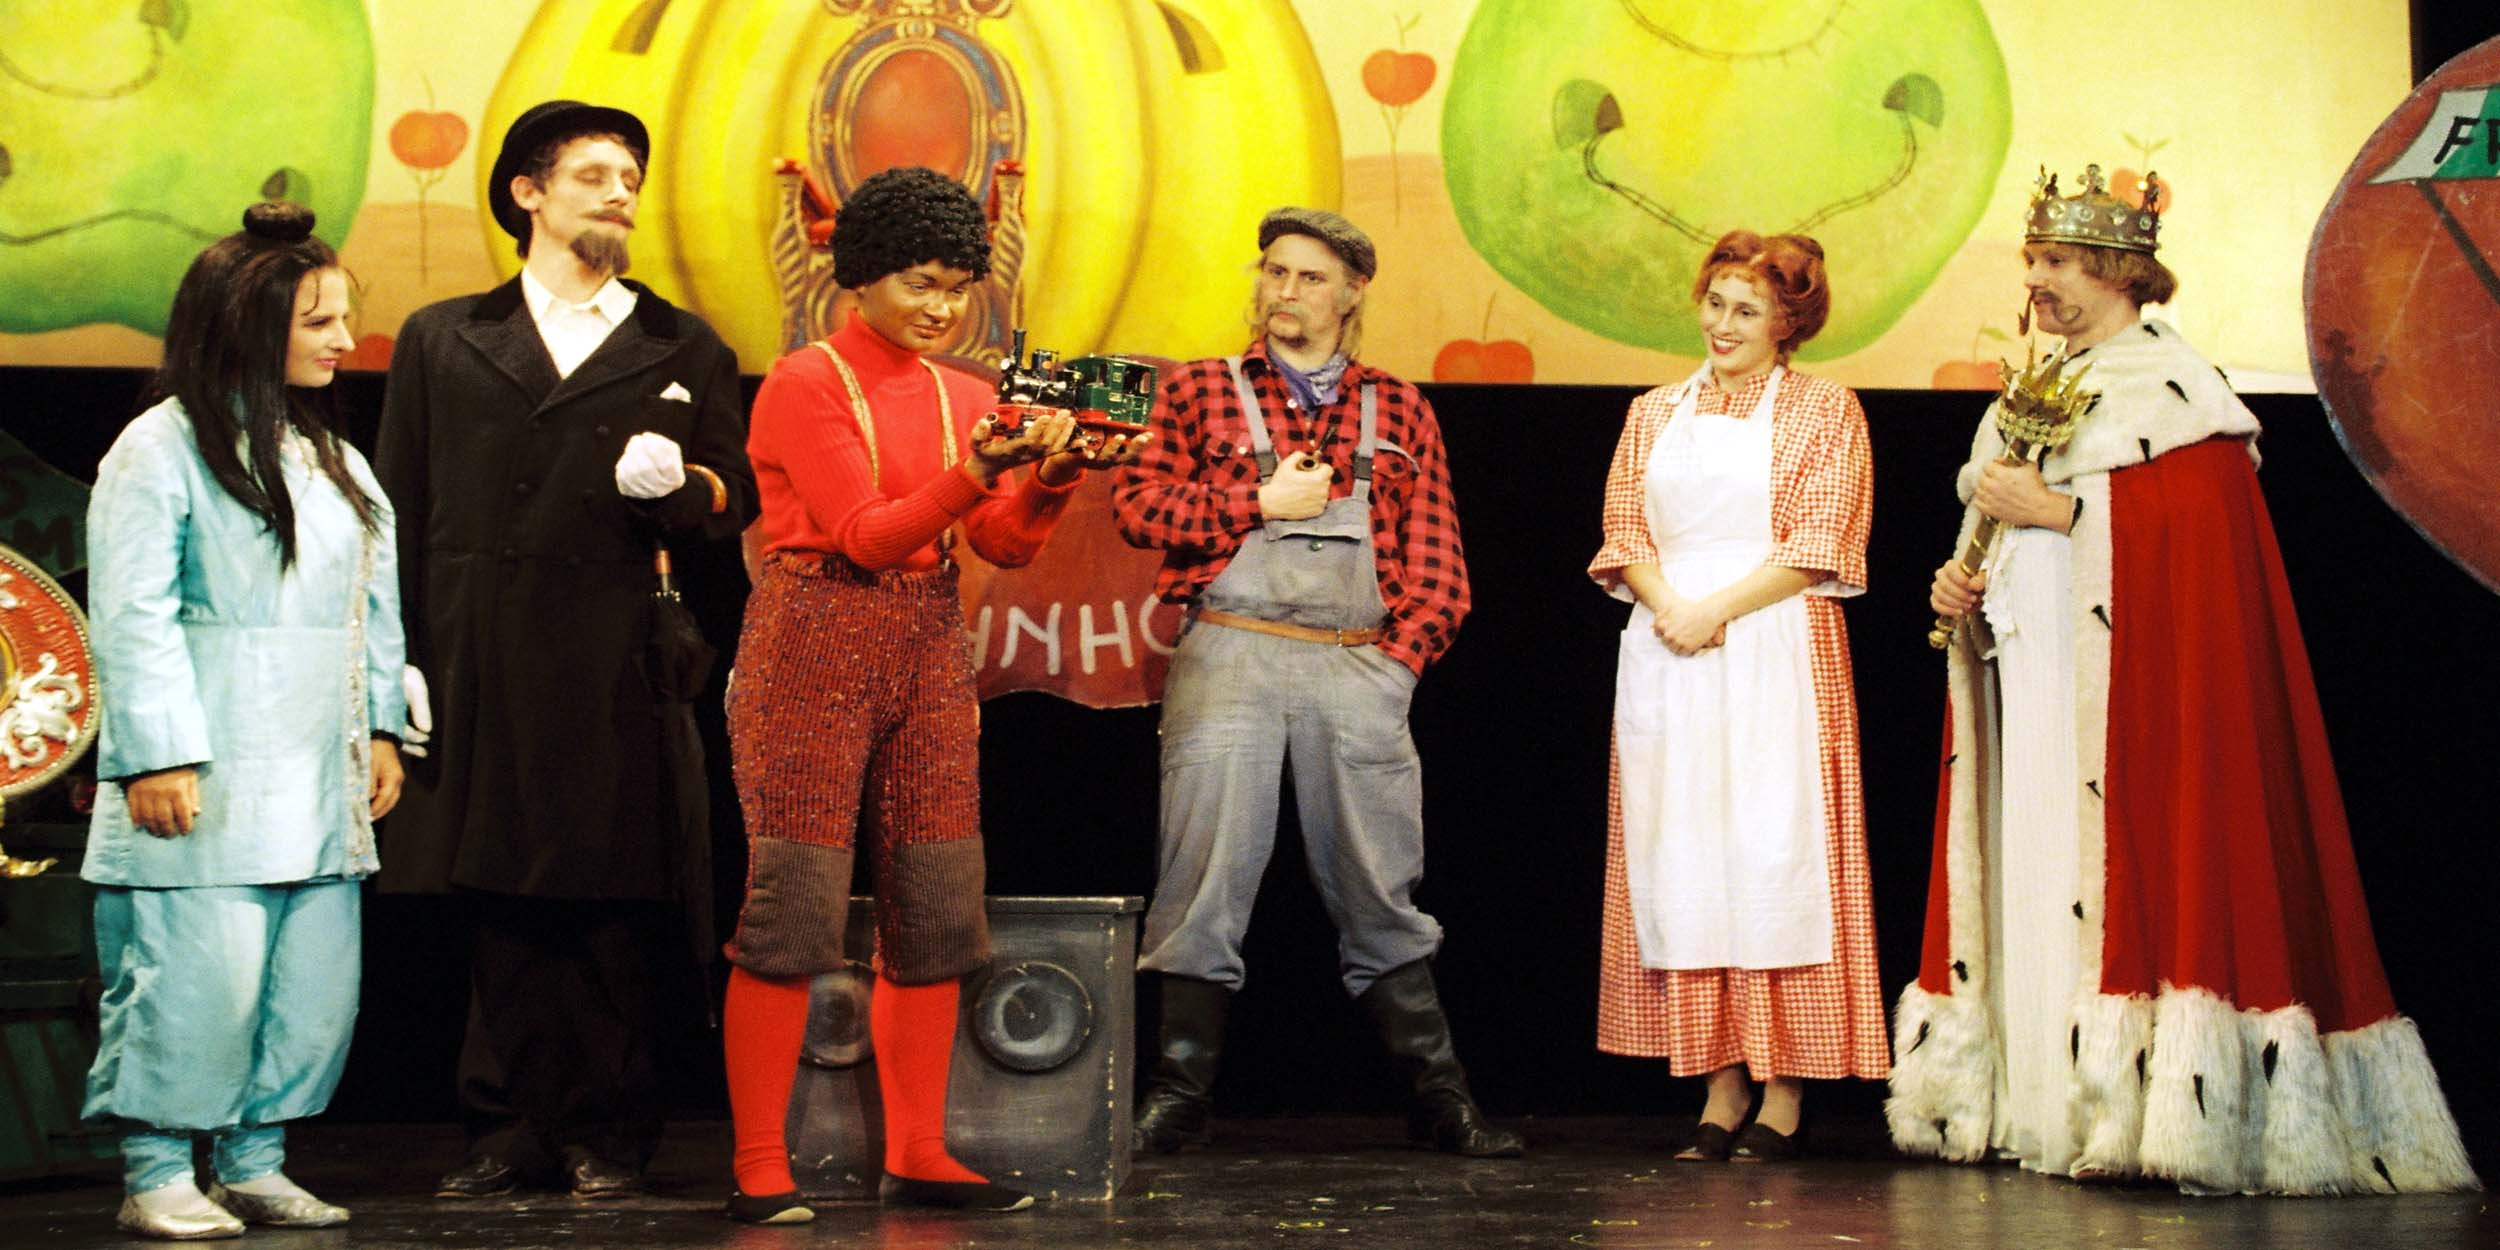 Münchner Theater Für Kinder Spielt Jim Knopf Und Lukas Der